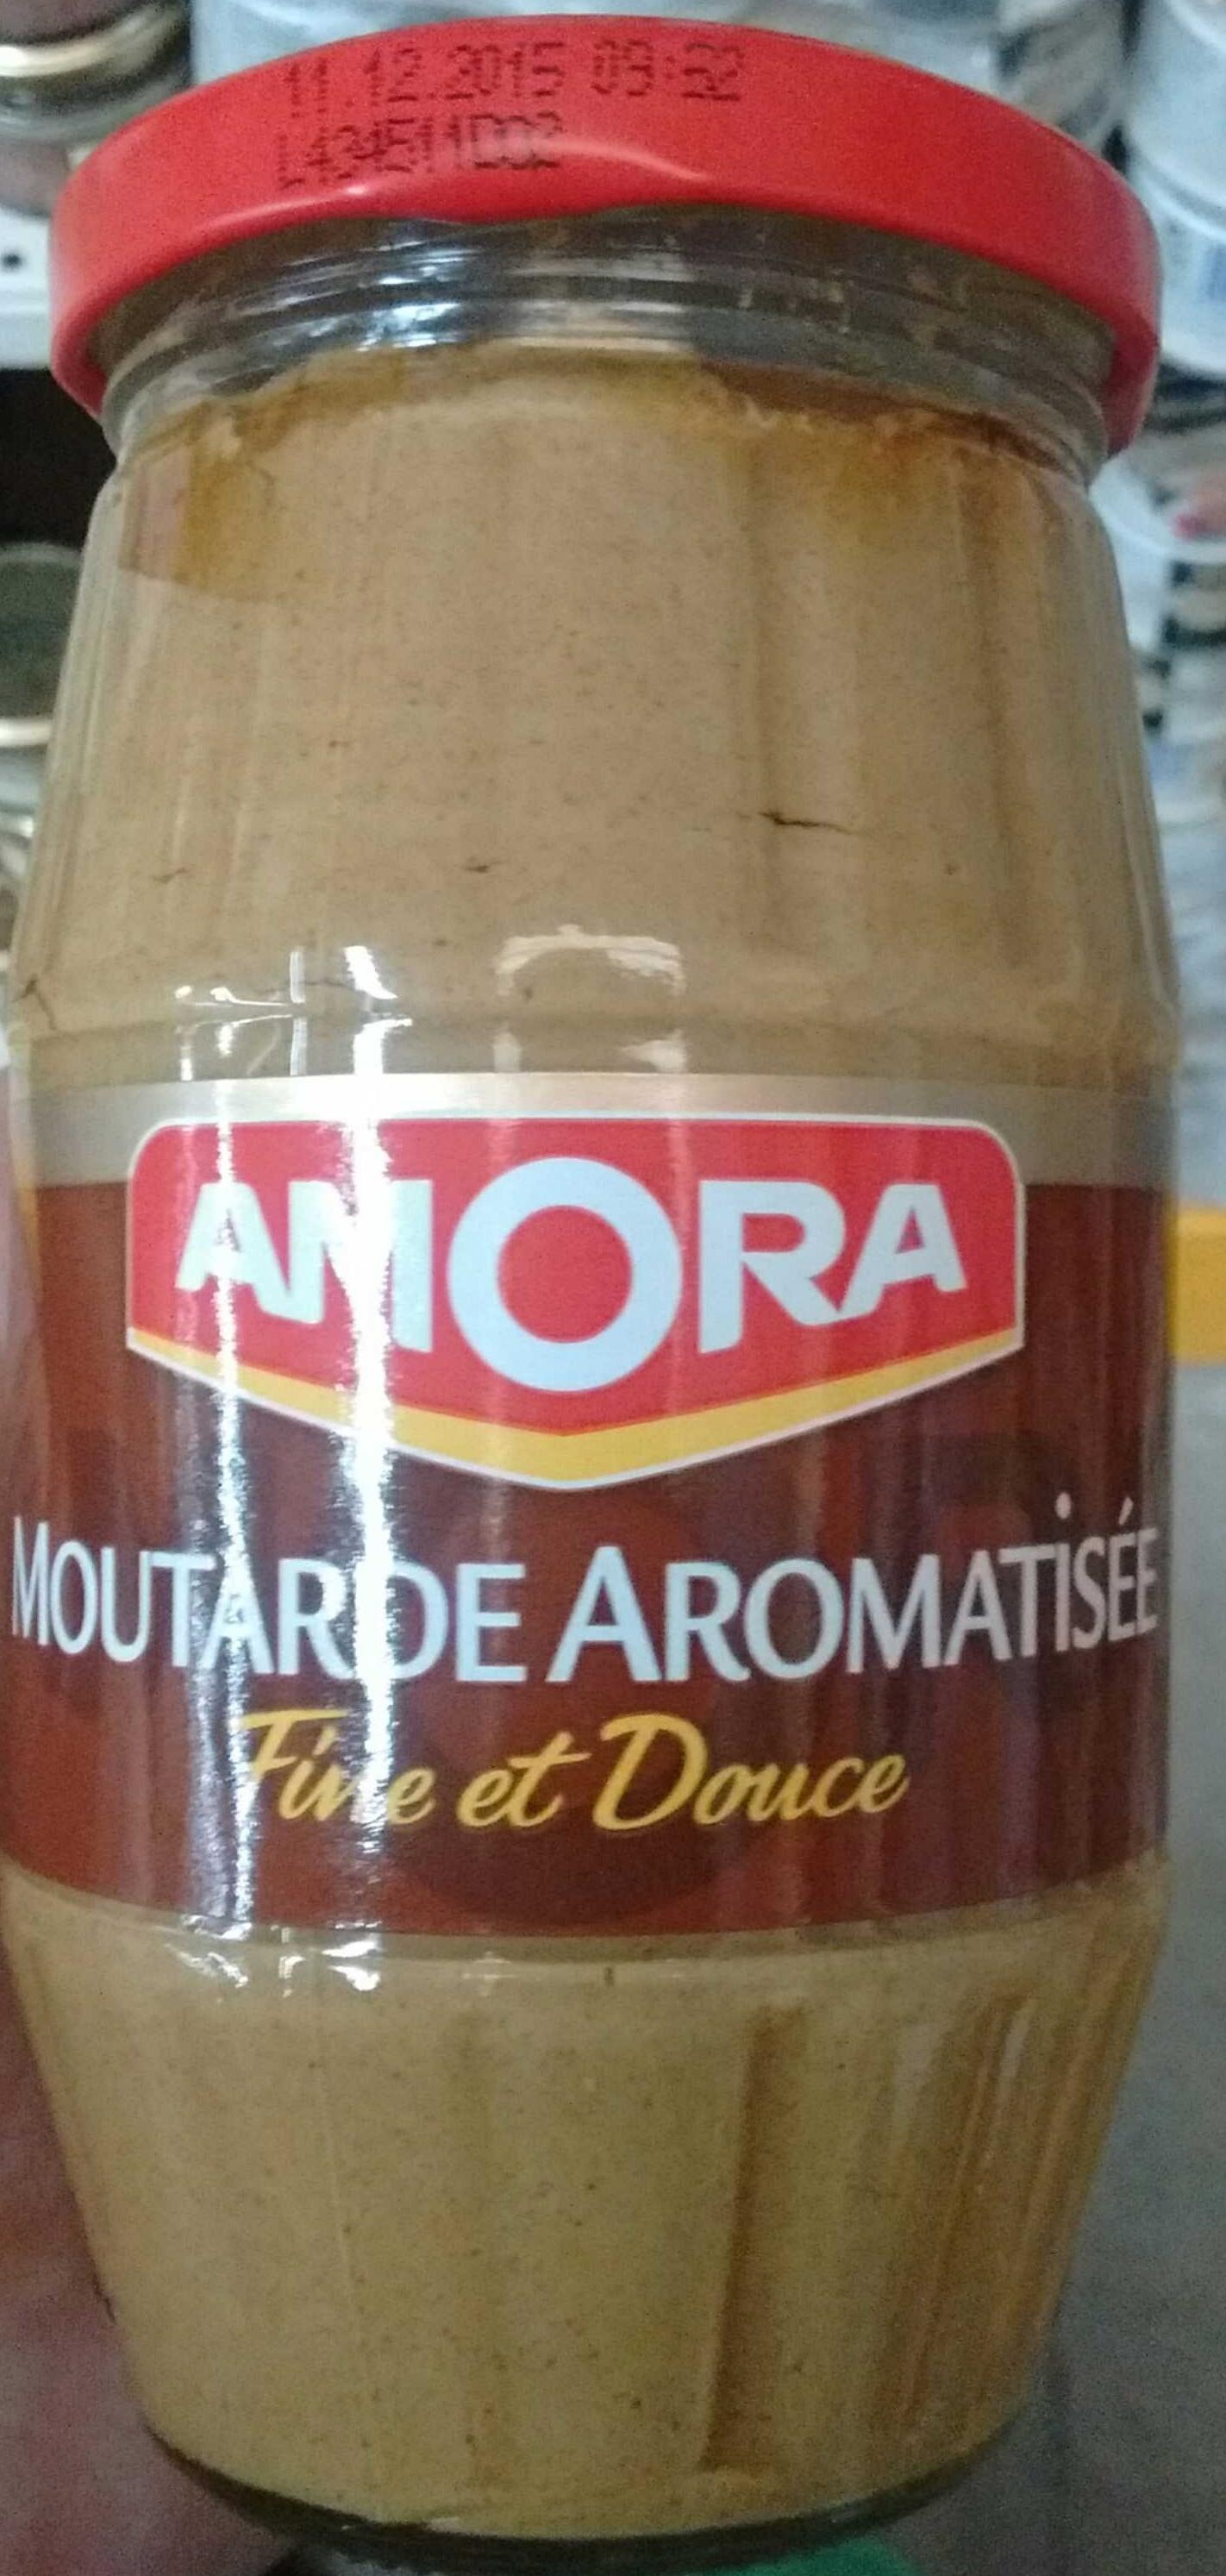 Moutarde aromatisée fine et douce - Amora - 265 g